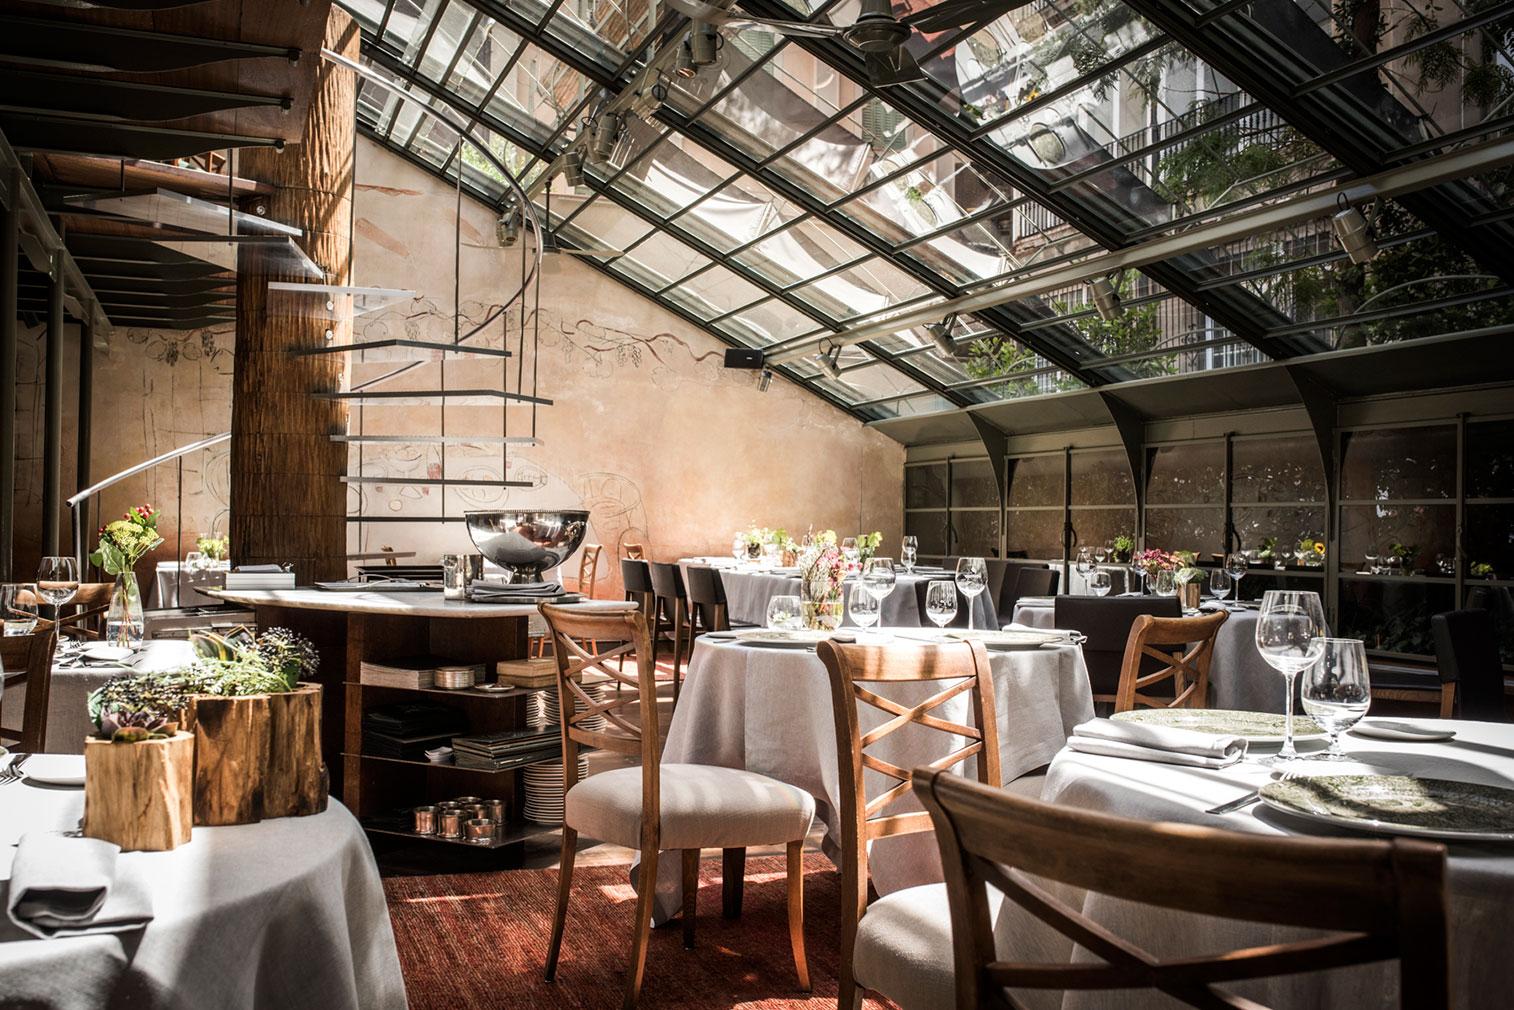 Barcelona restaurant Tragaluz